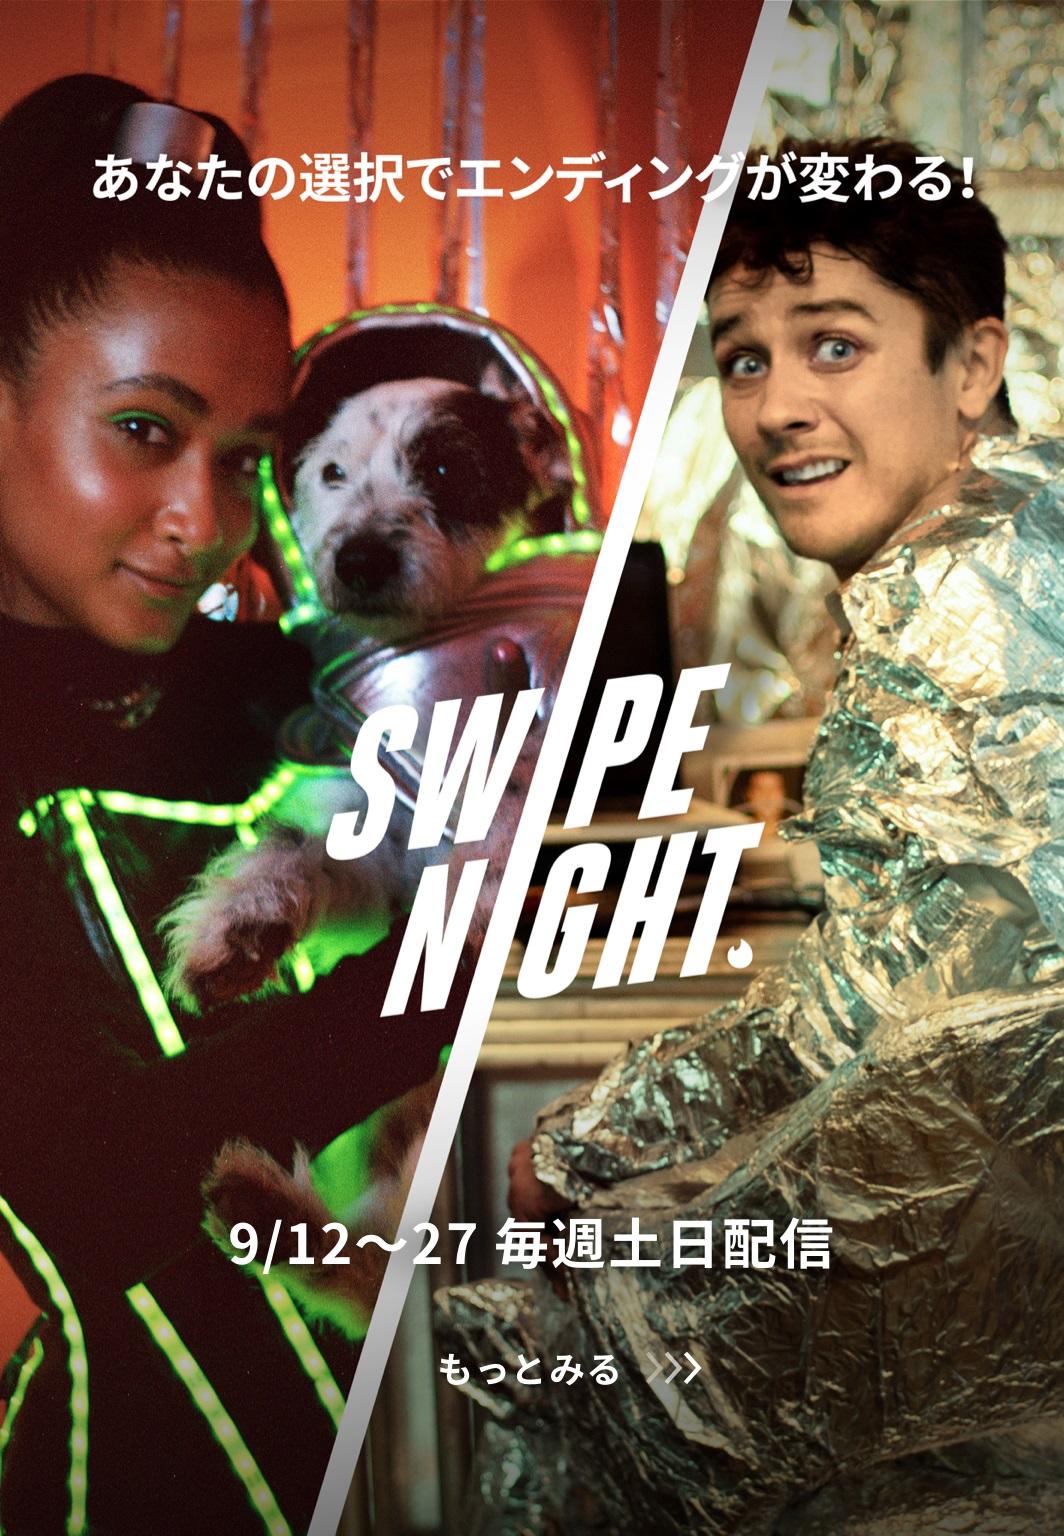 SWIPE NIGHTイメージ画像